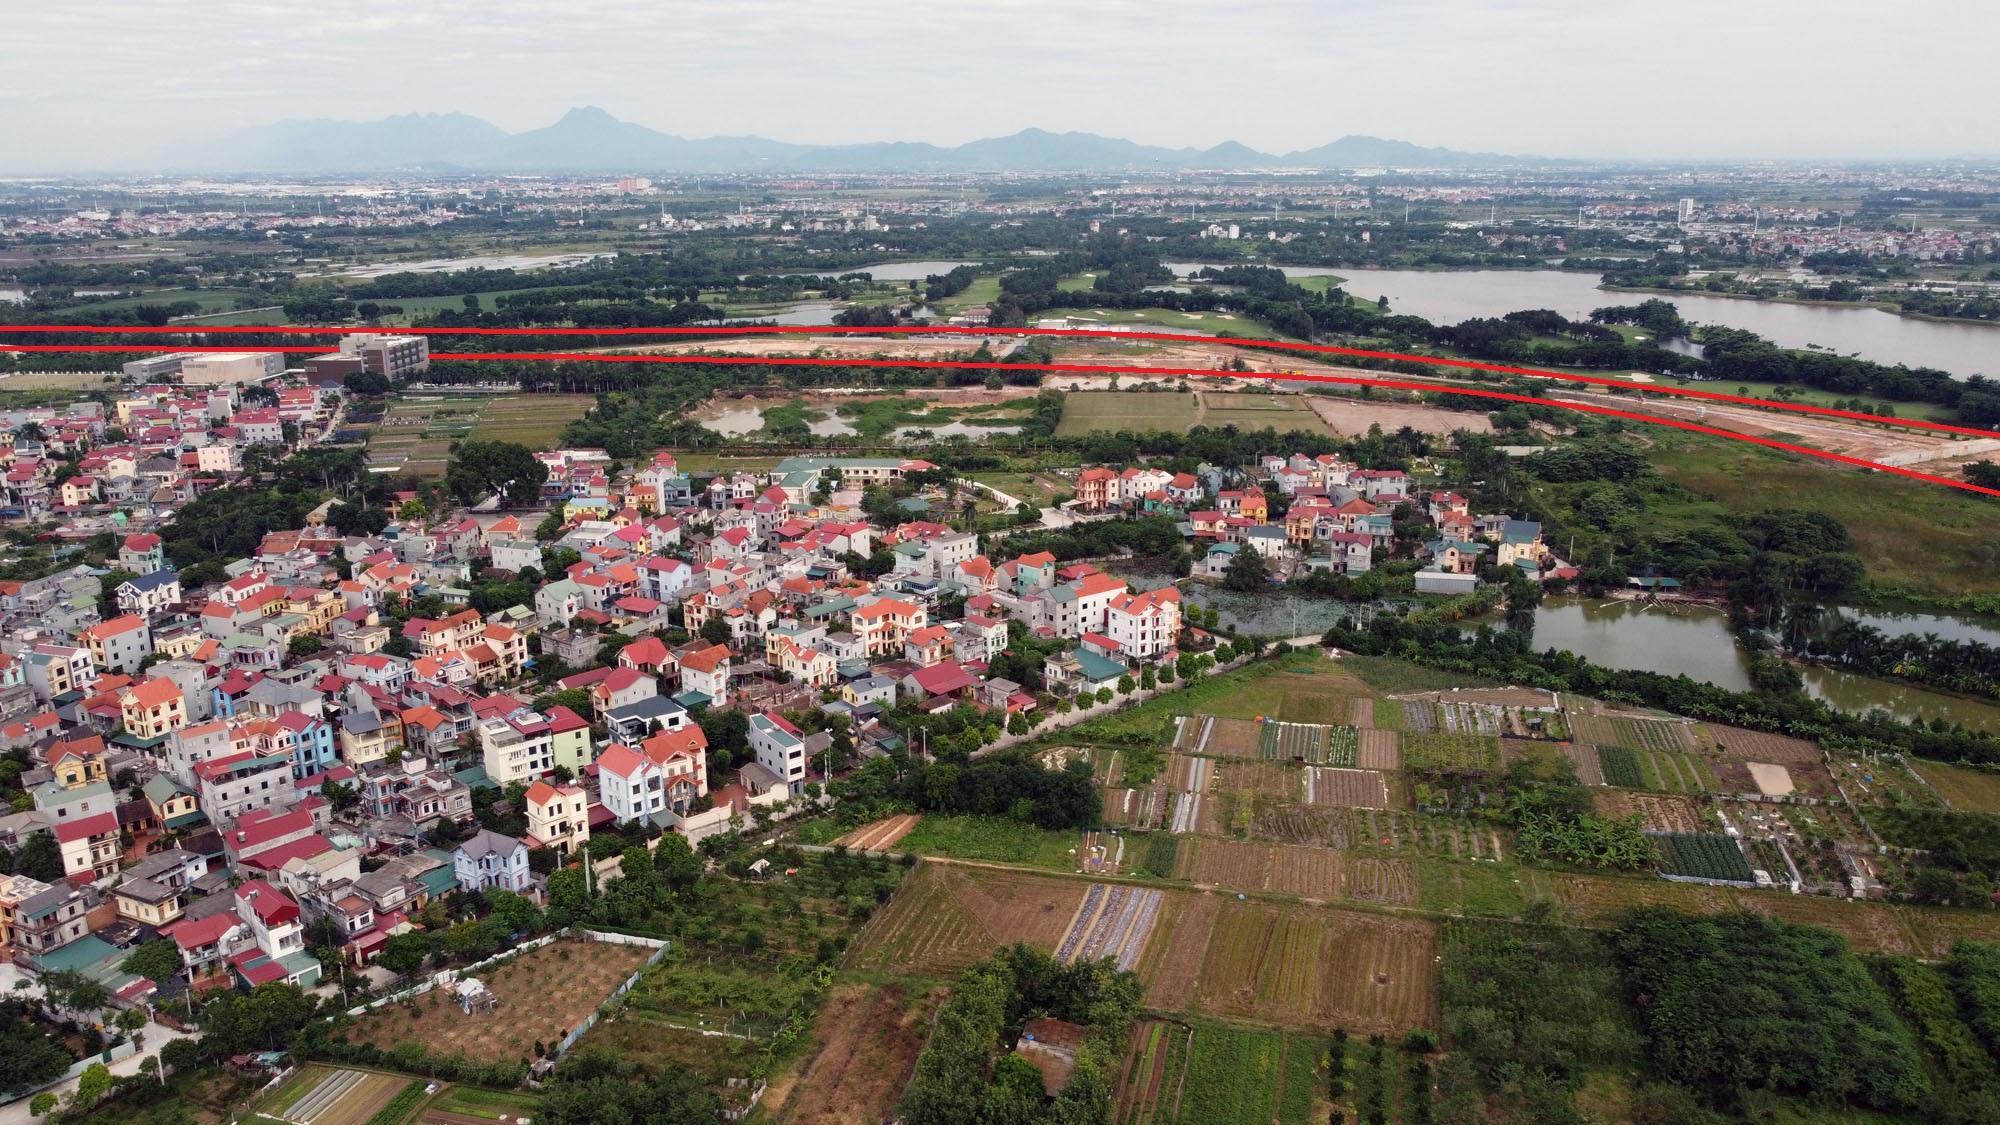 đường sẽ mở theo qui hoạch ở xã Kim Nỗ, Đông Anh, Hà Nội - Ảnh 16.